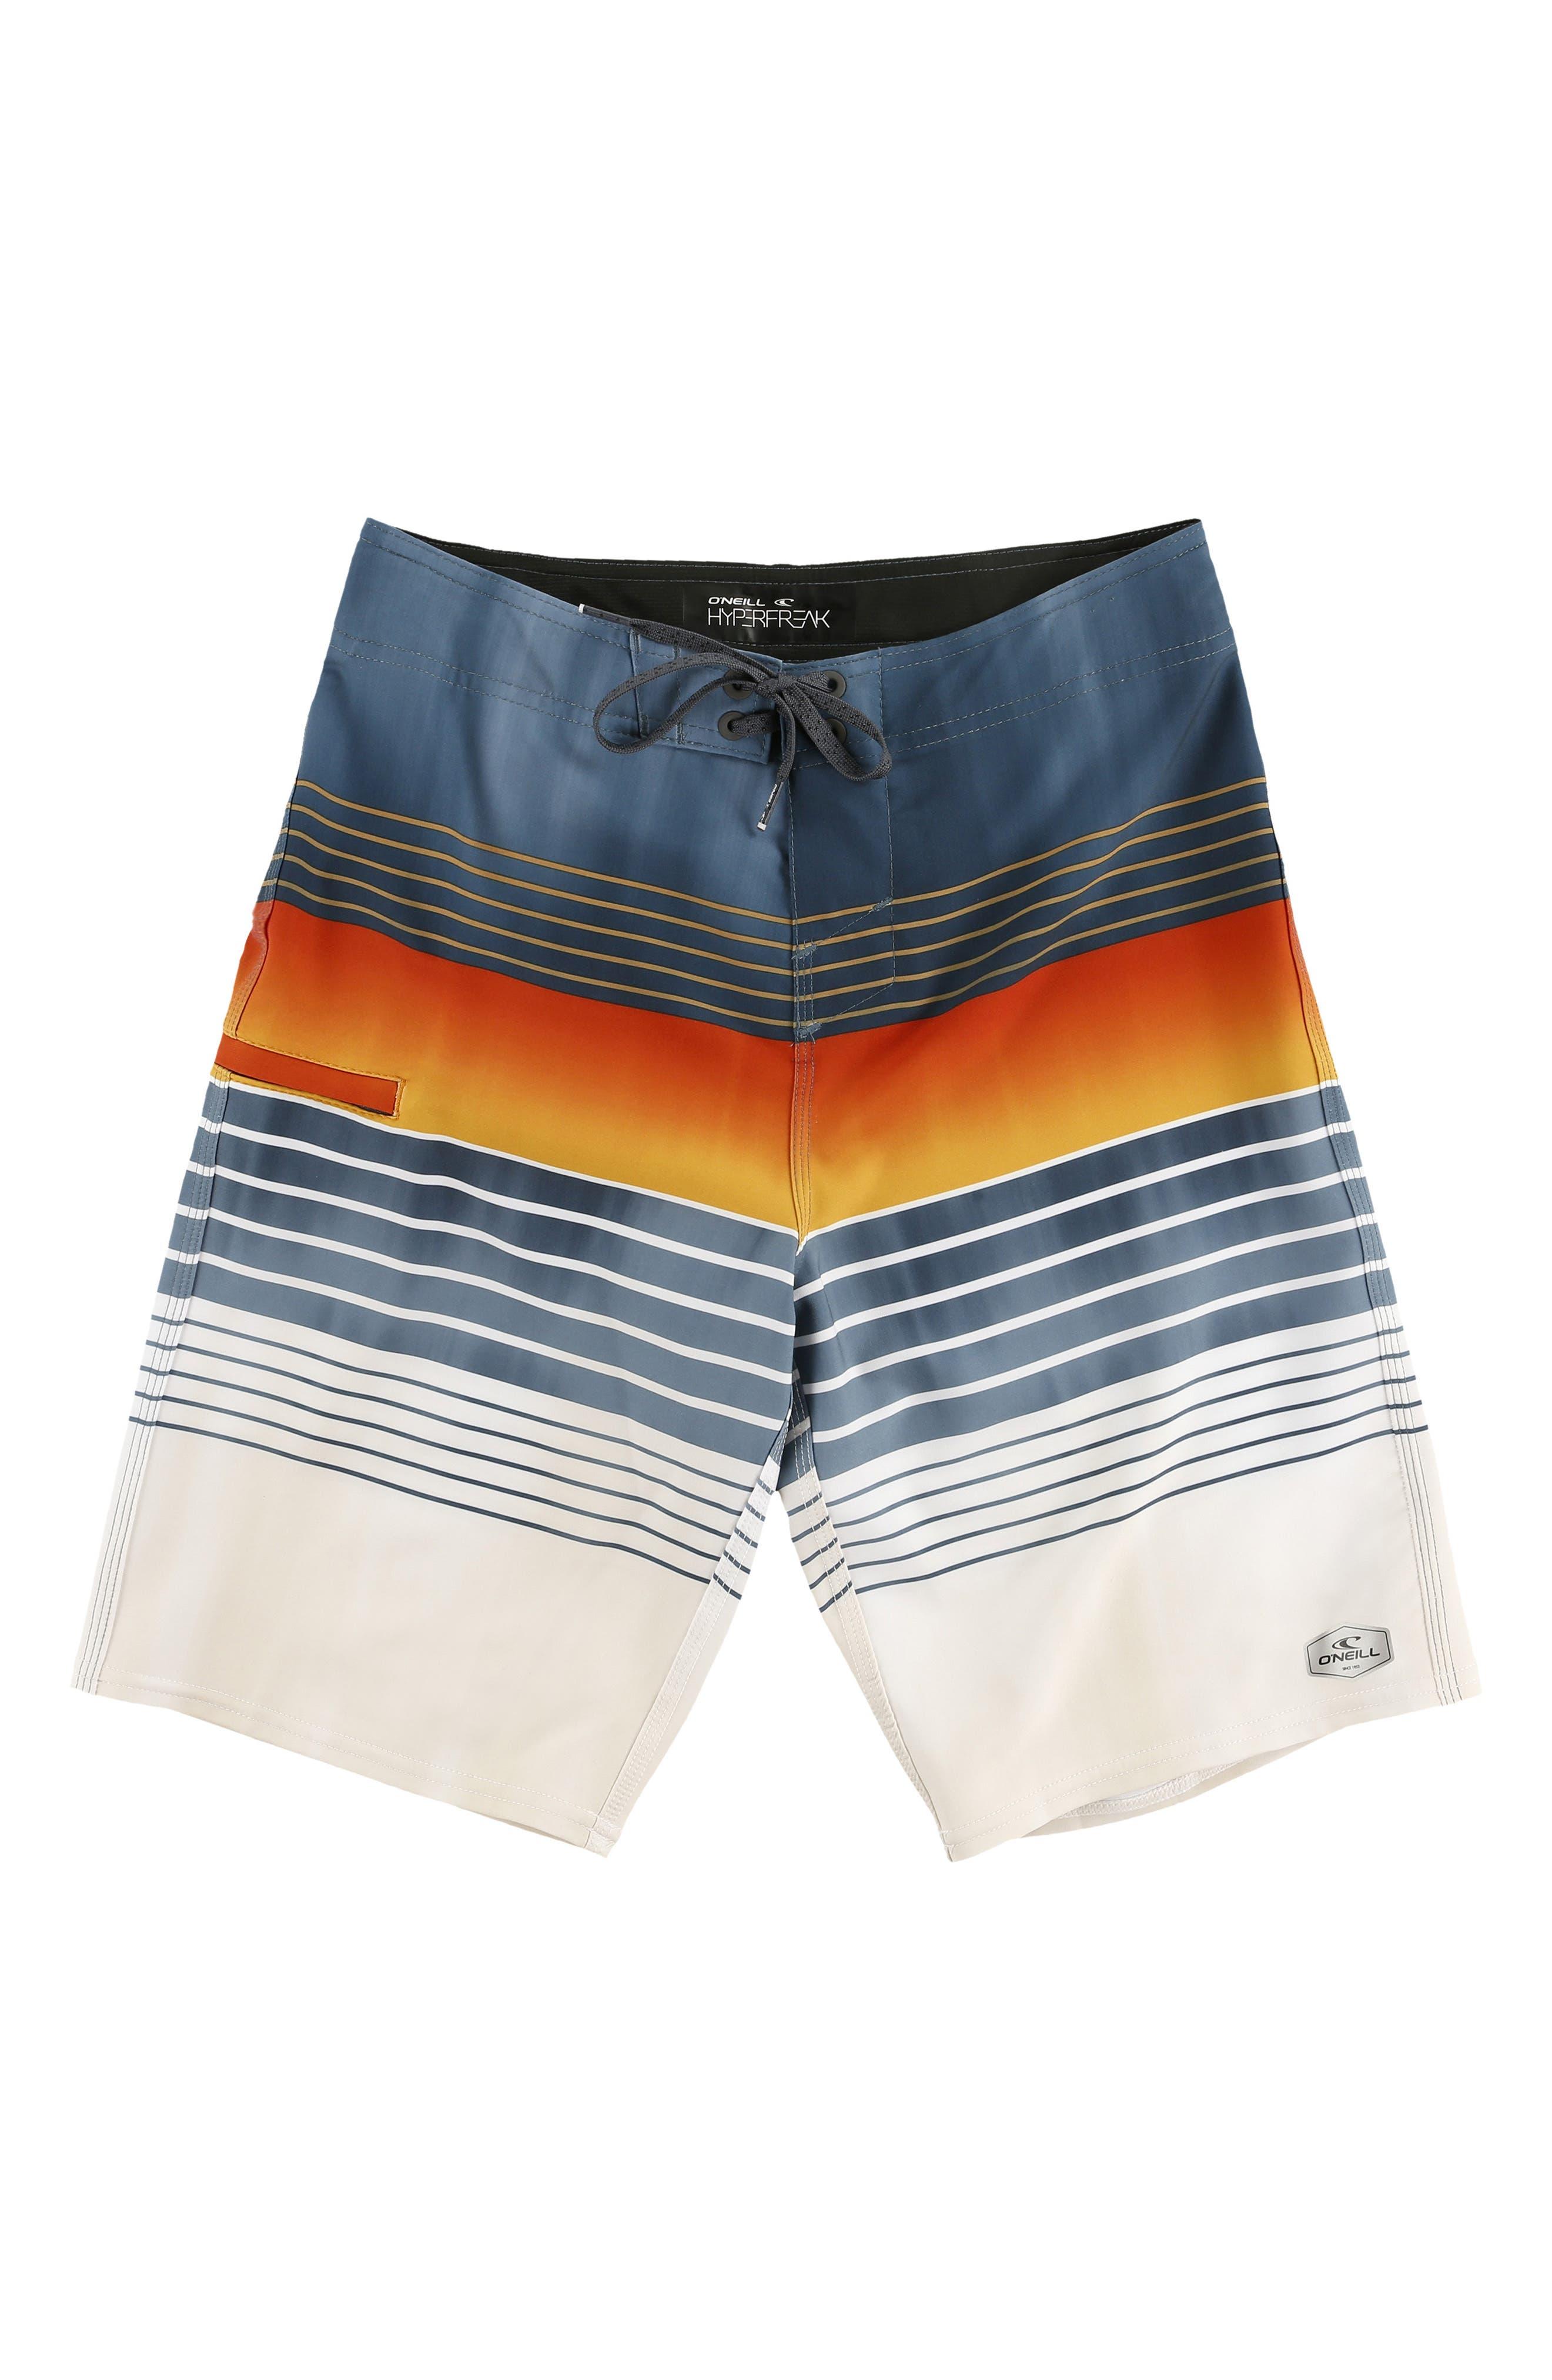 Hyperfreak Heist Board Shorts,                         Main,                         color, DUST BLUE